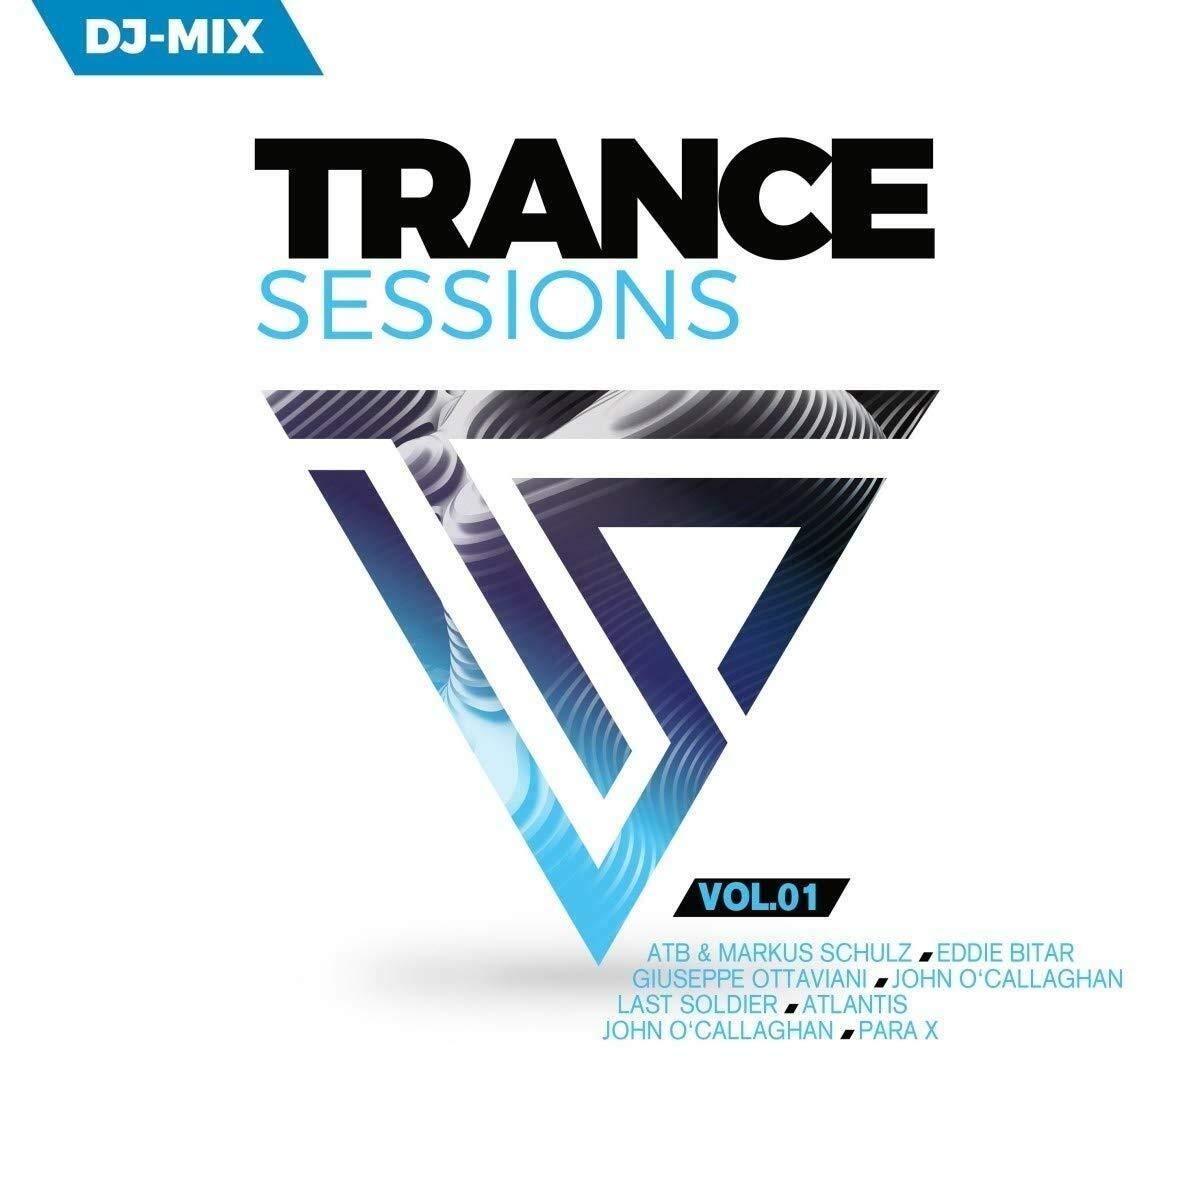 VA - Trance Sessions Vol. 1 (2020) [FLAC] Download